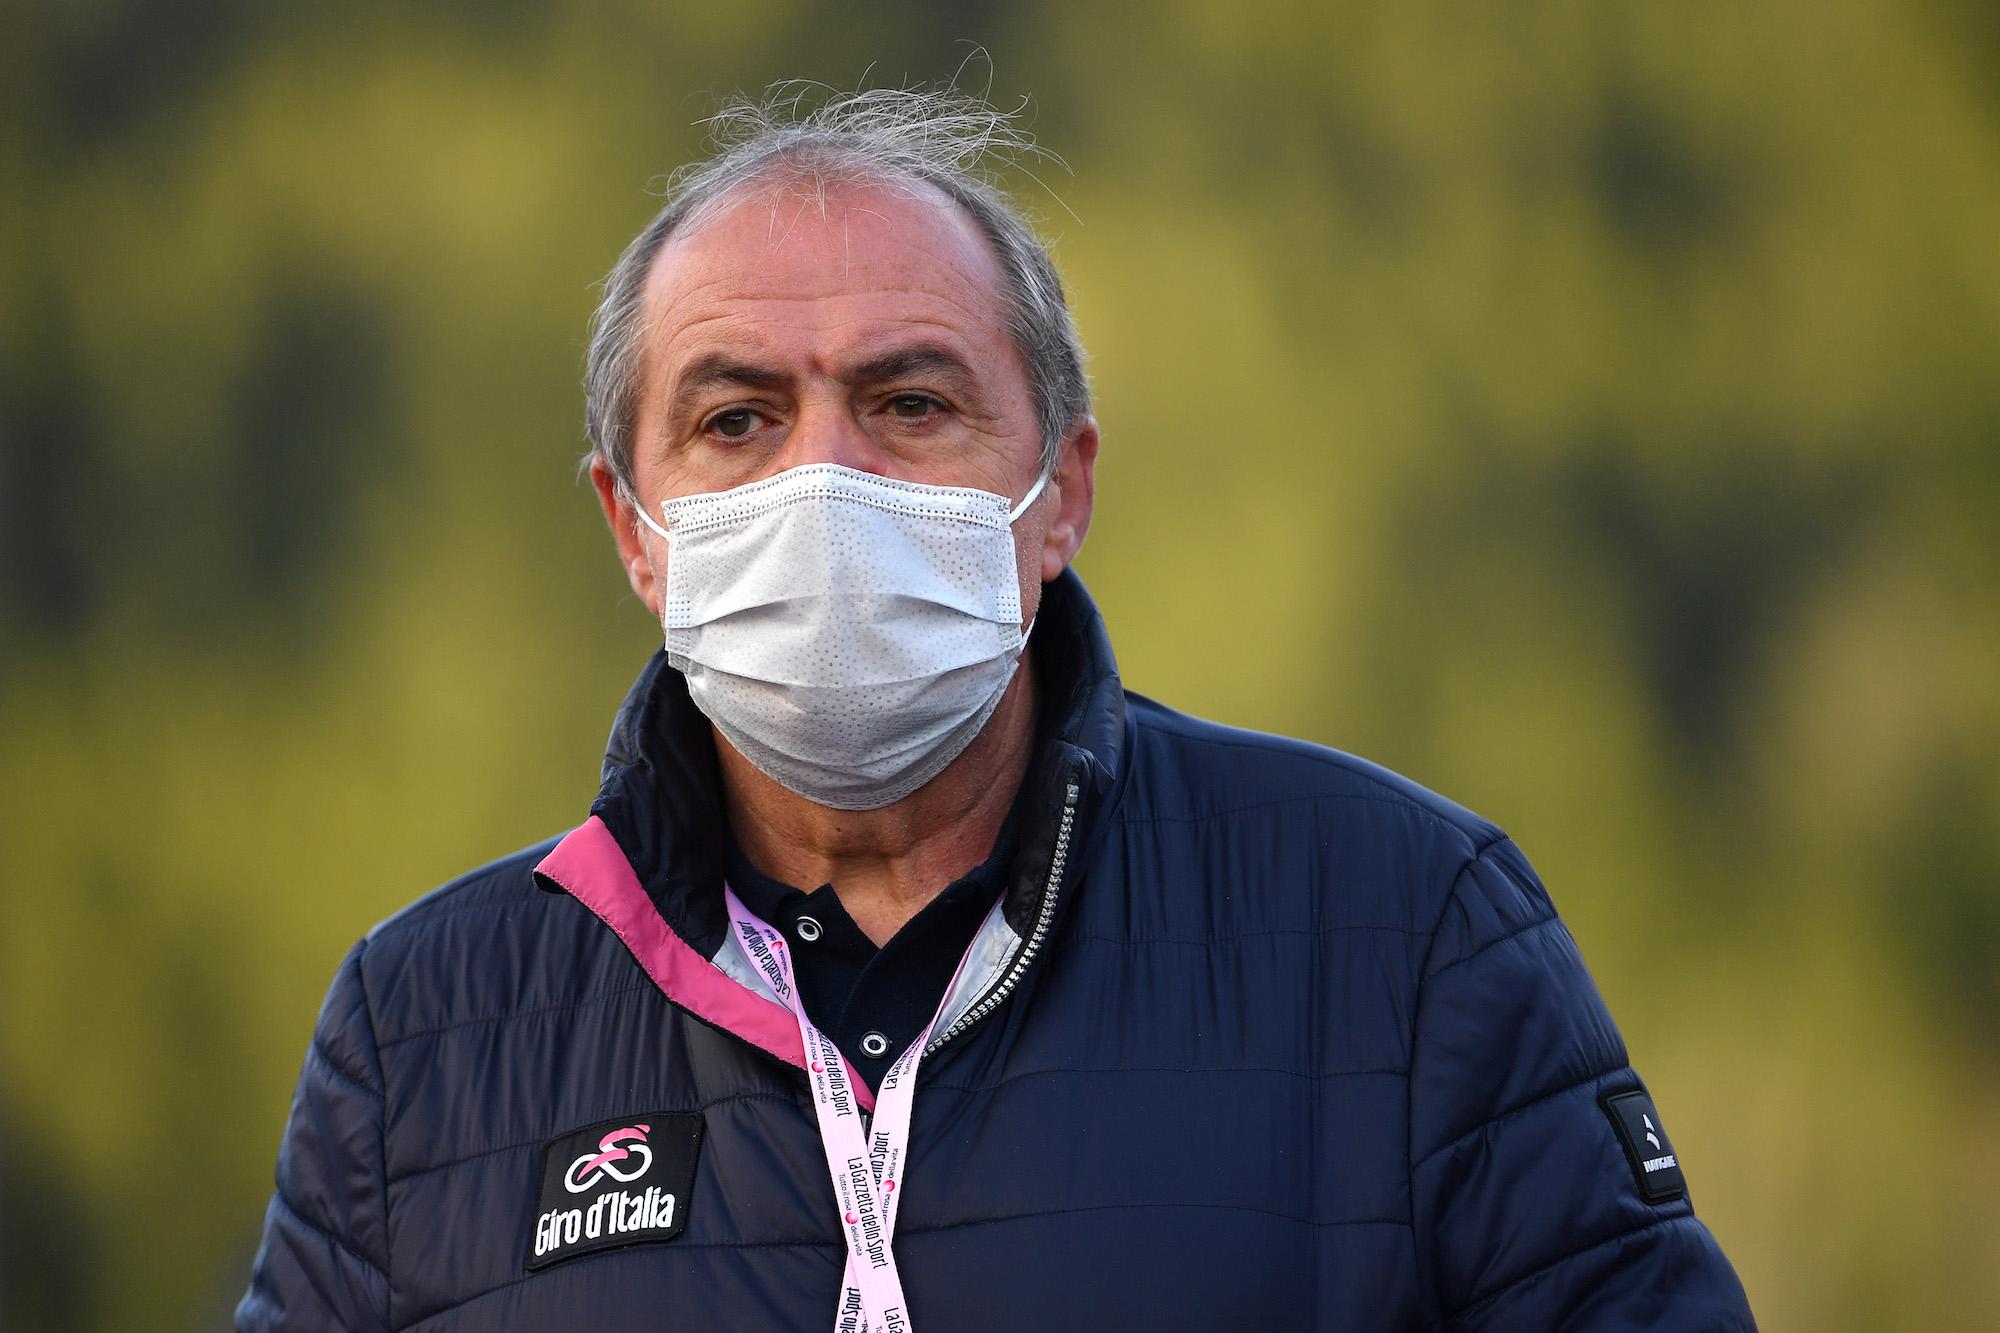 """""""Jemand wird zahlen"""", sagt der Rennleiter von Giro d'Italia nach dem Debakel zur Verkürzung der Etappe"""